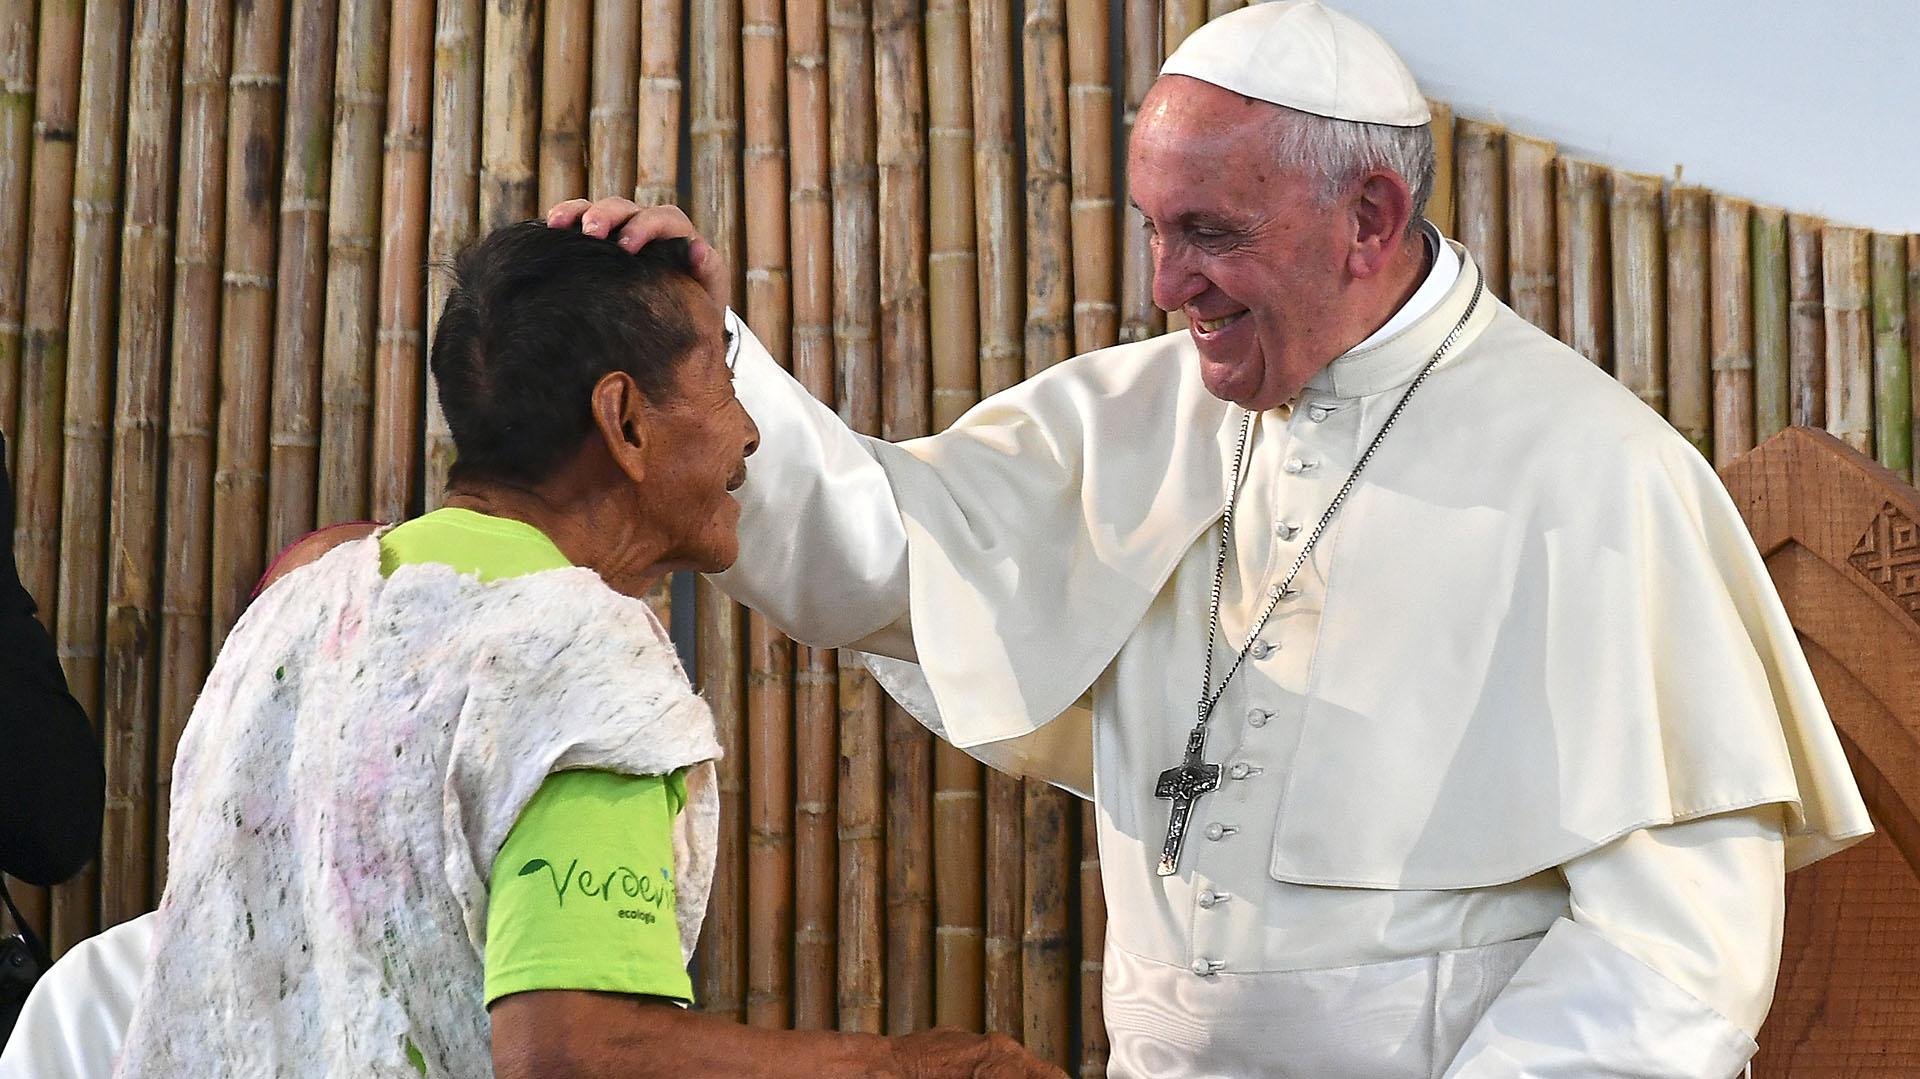 PERU-POPE-VISIT-INDIGENOUS